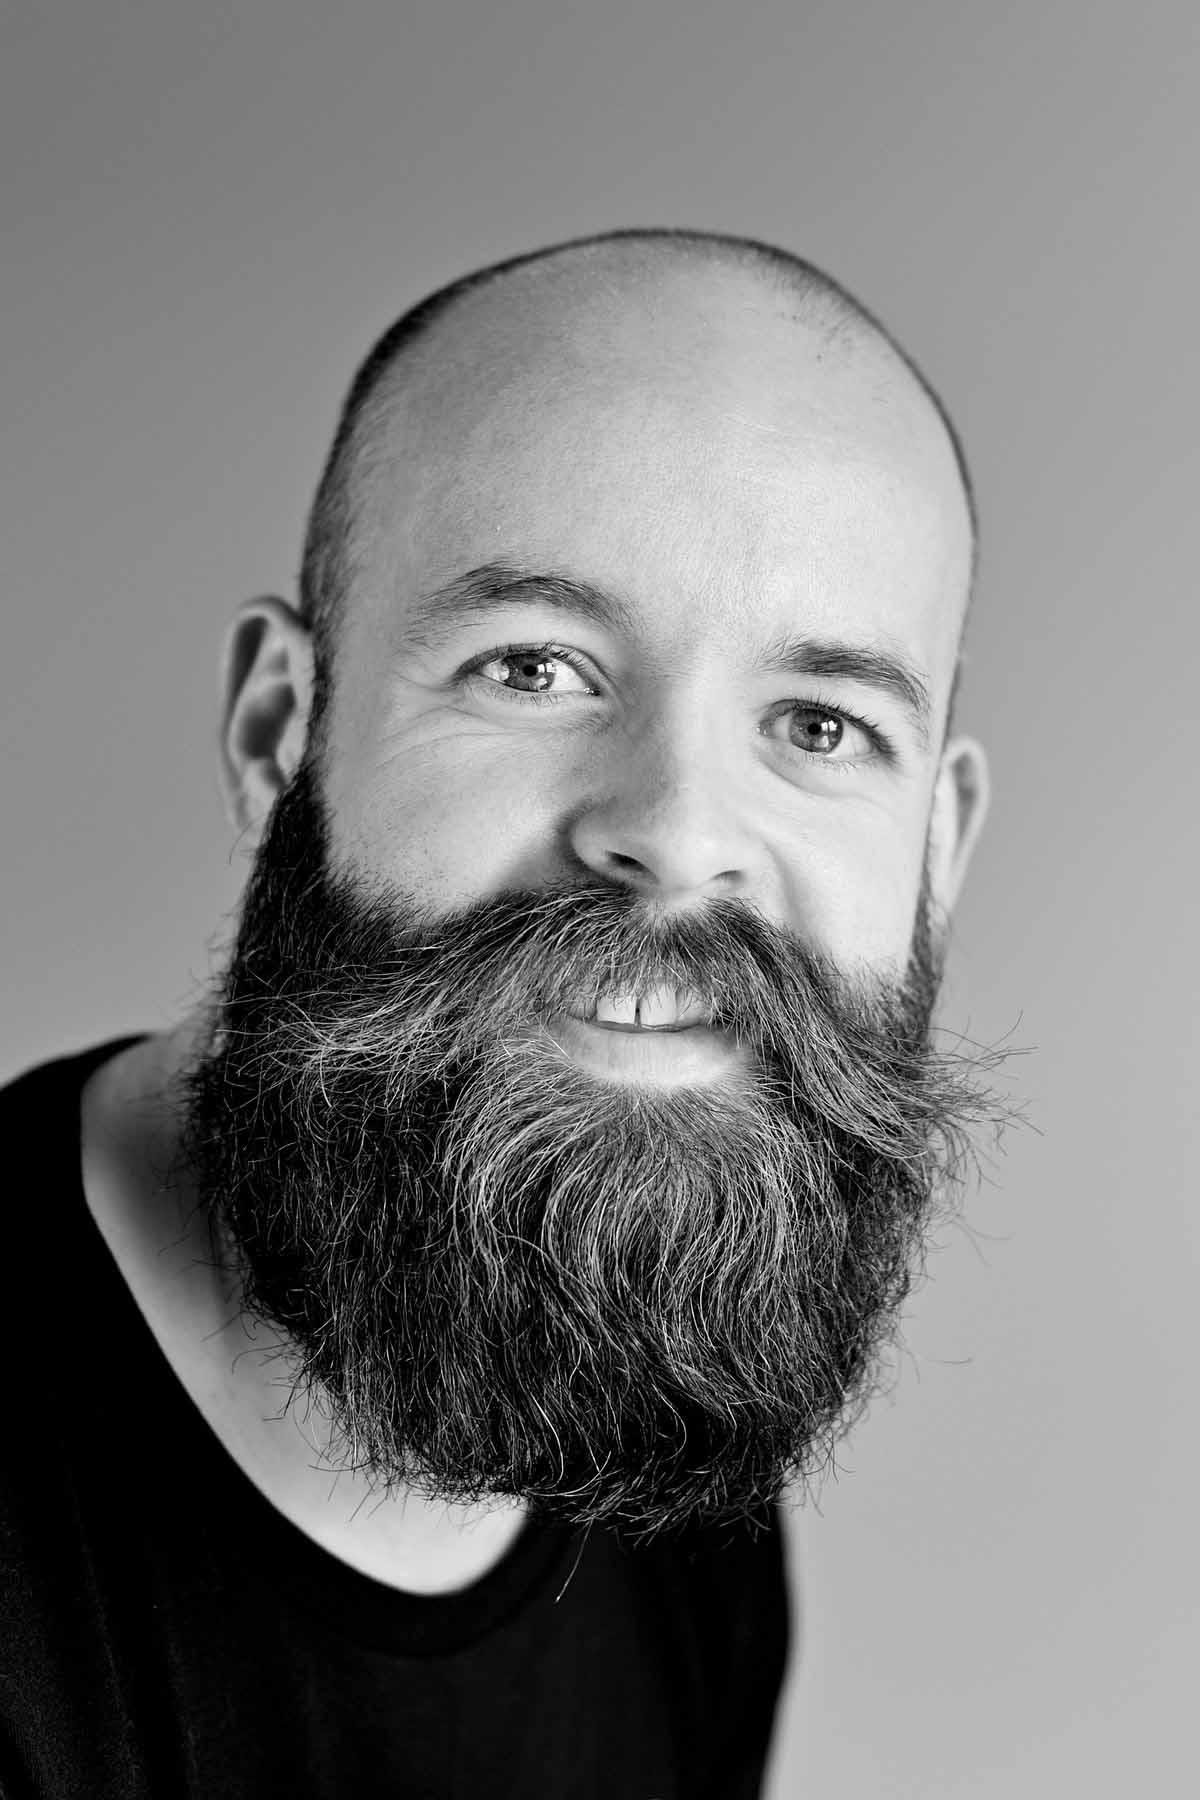 mand med skæg portræt